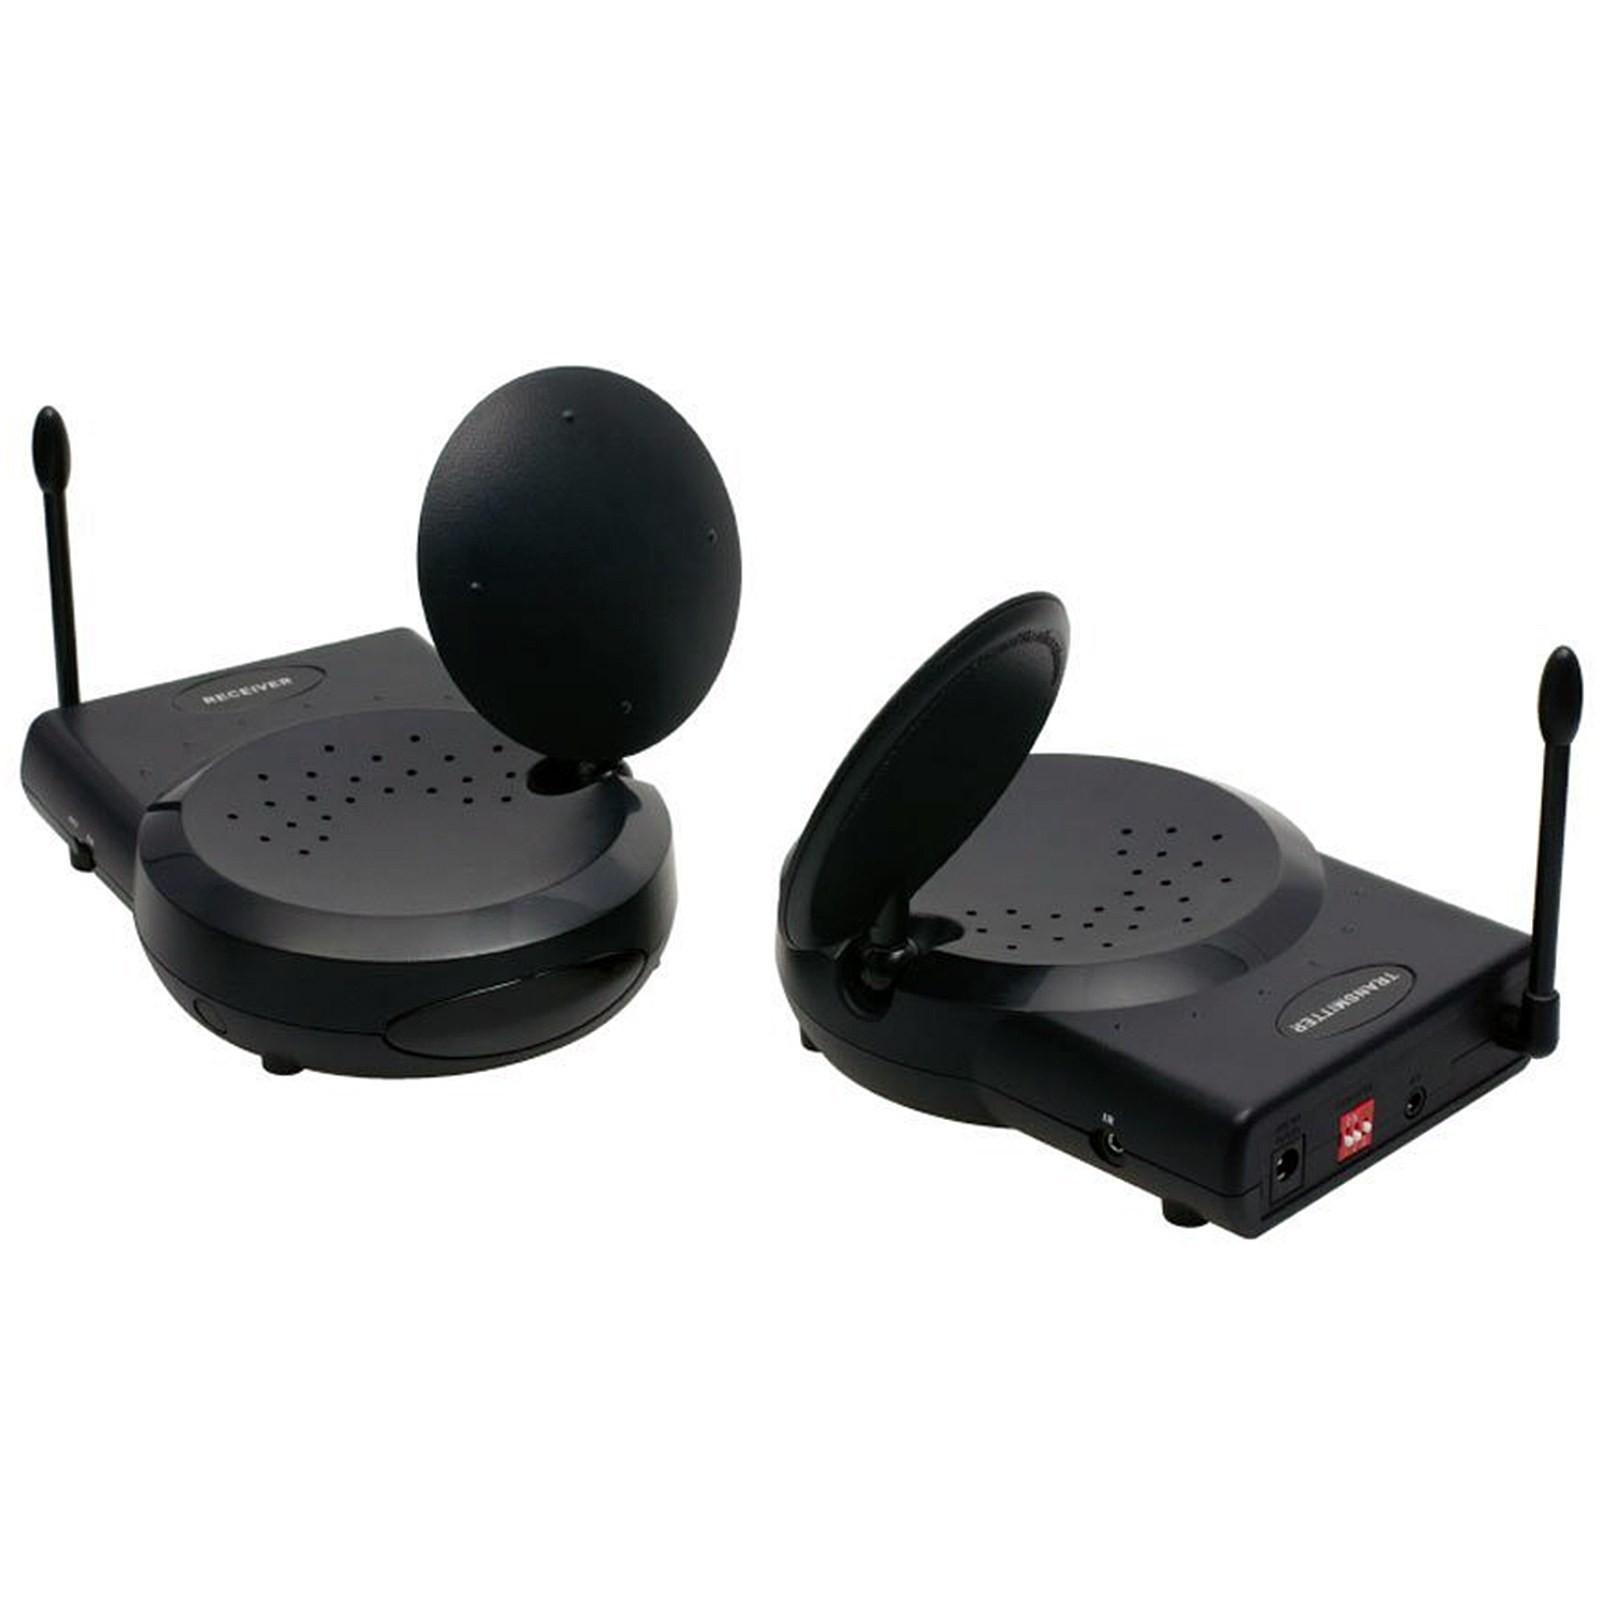 Trasmettitore ripetitore di segnale audio video wireless 5,8 Ghz LIFE SKY SKYHD